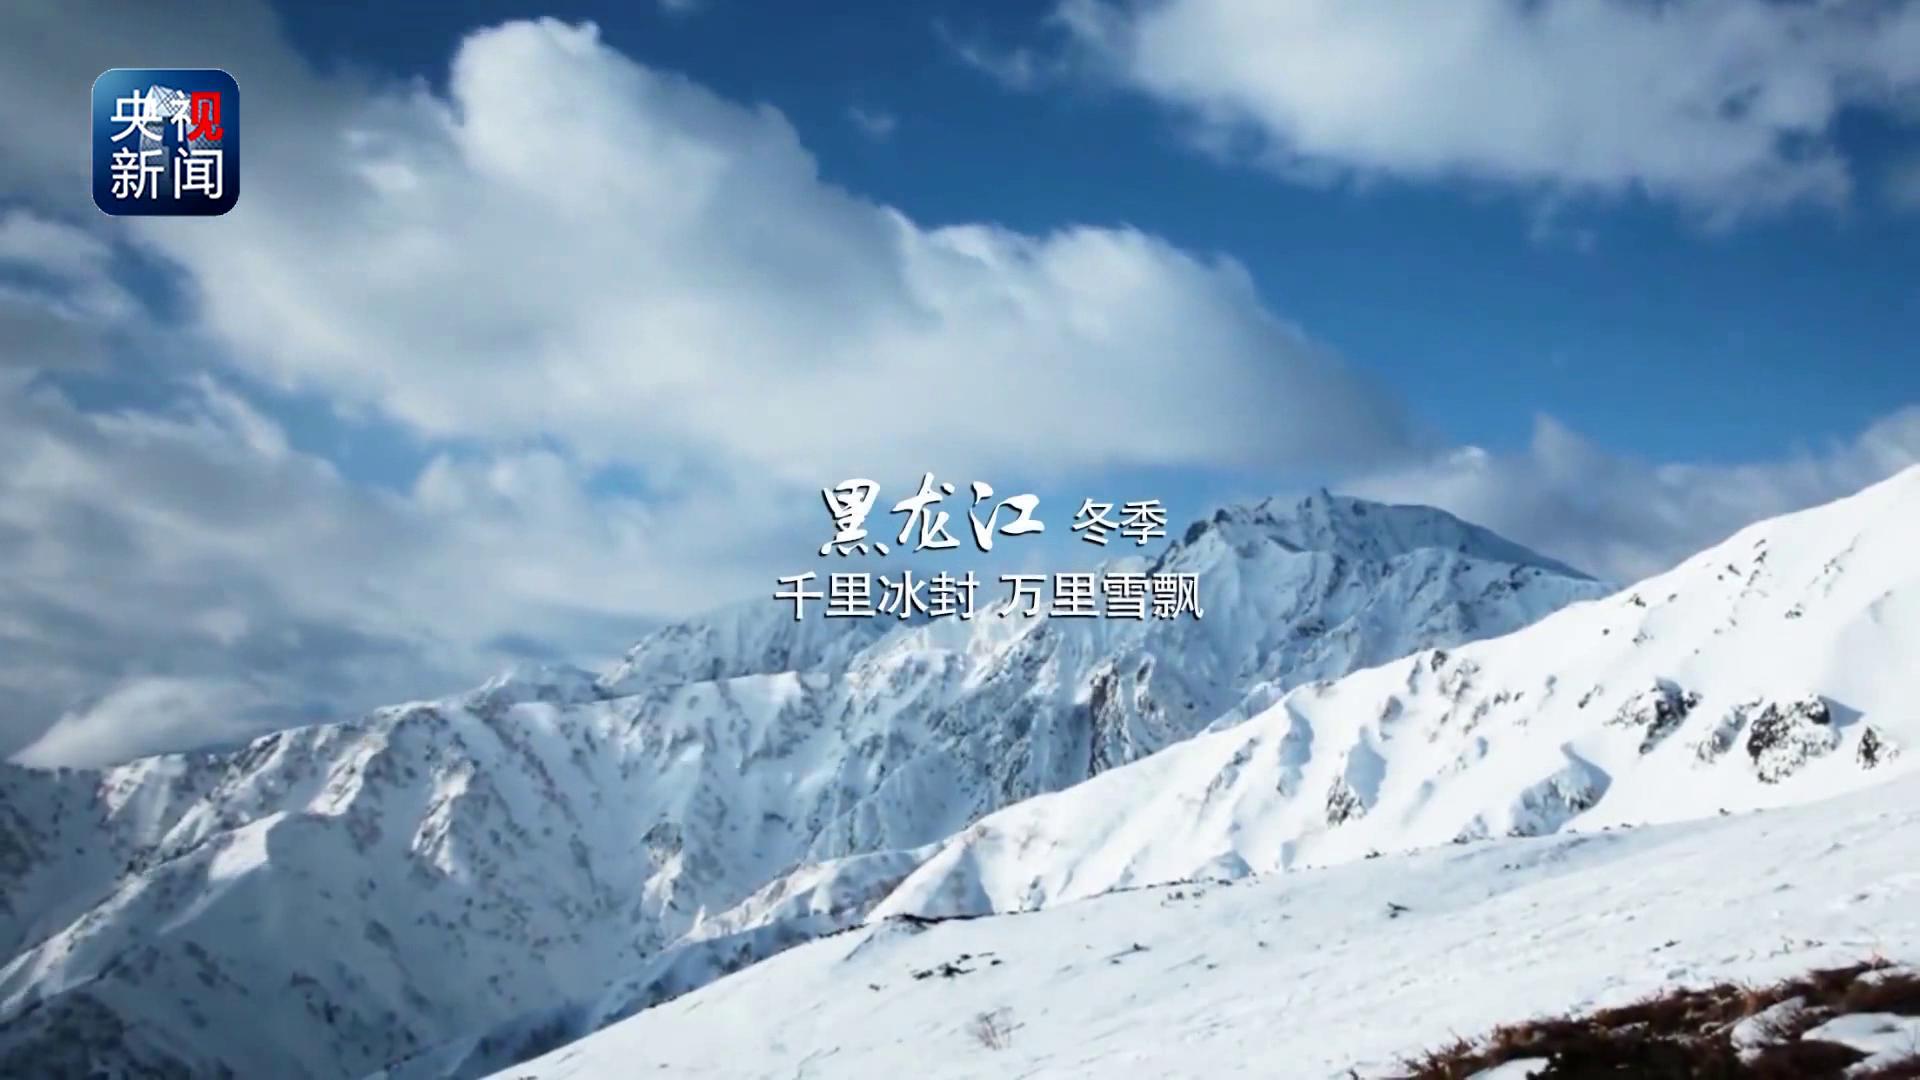 锦绣中华·大美山川丨黑龙江:冬沁晶莹 夏透清凉